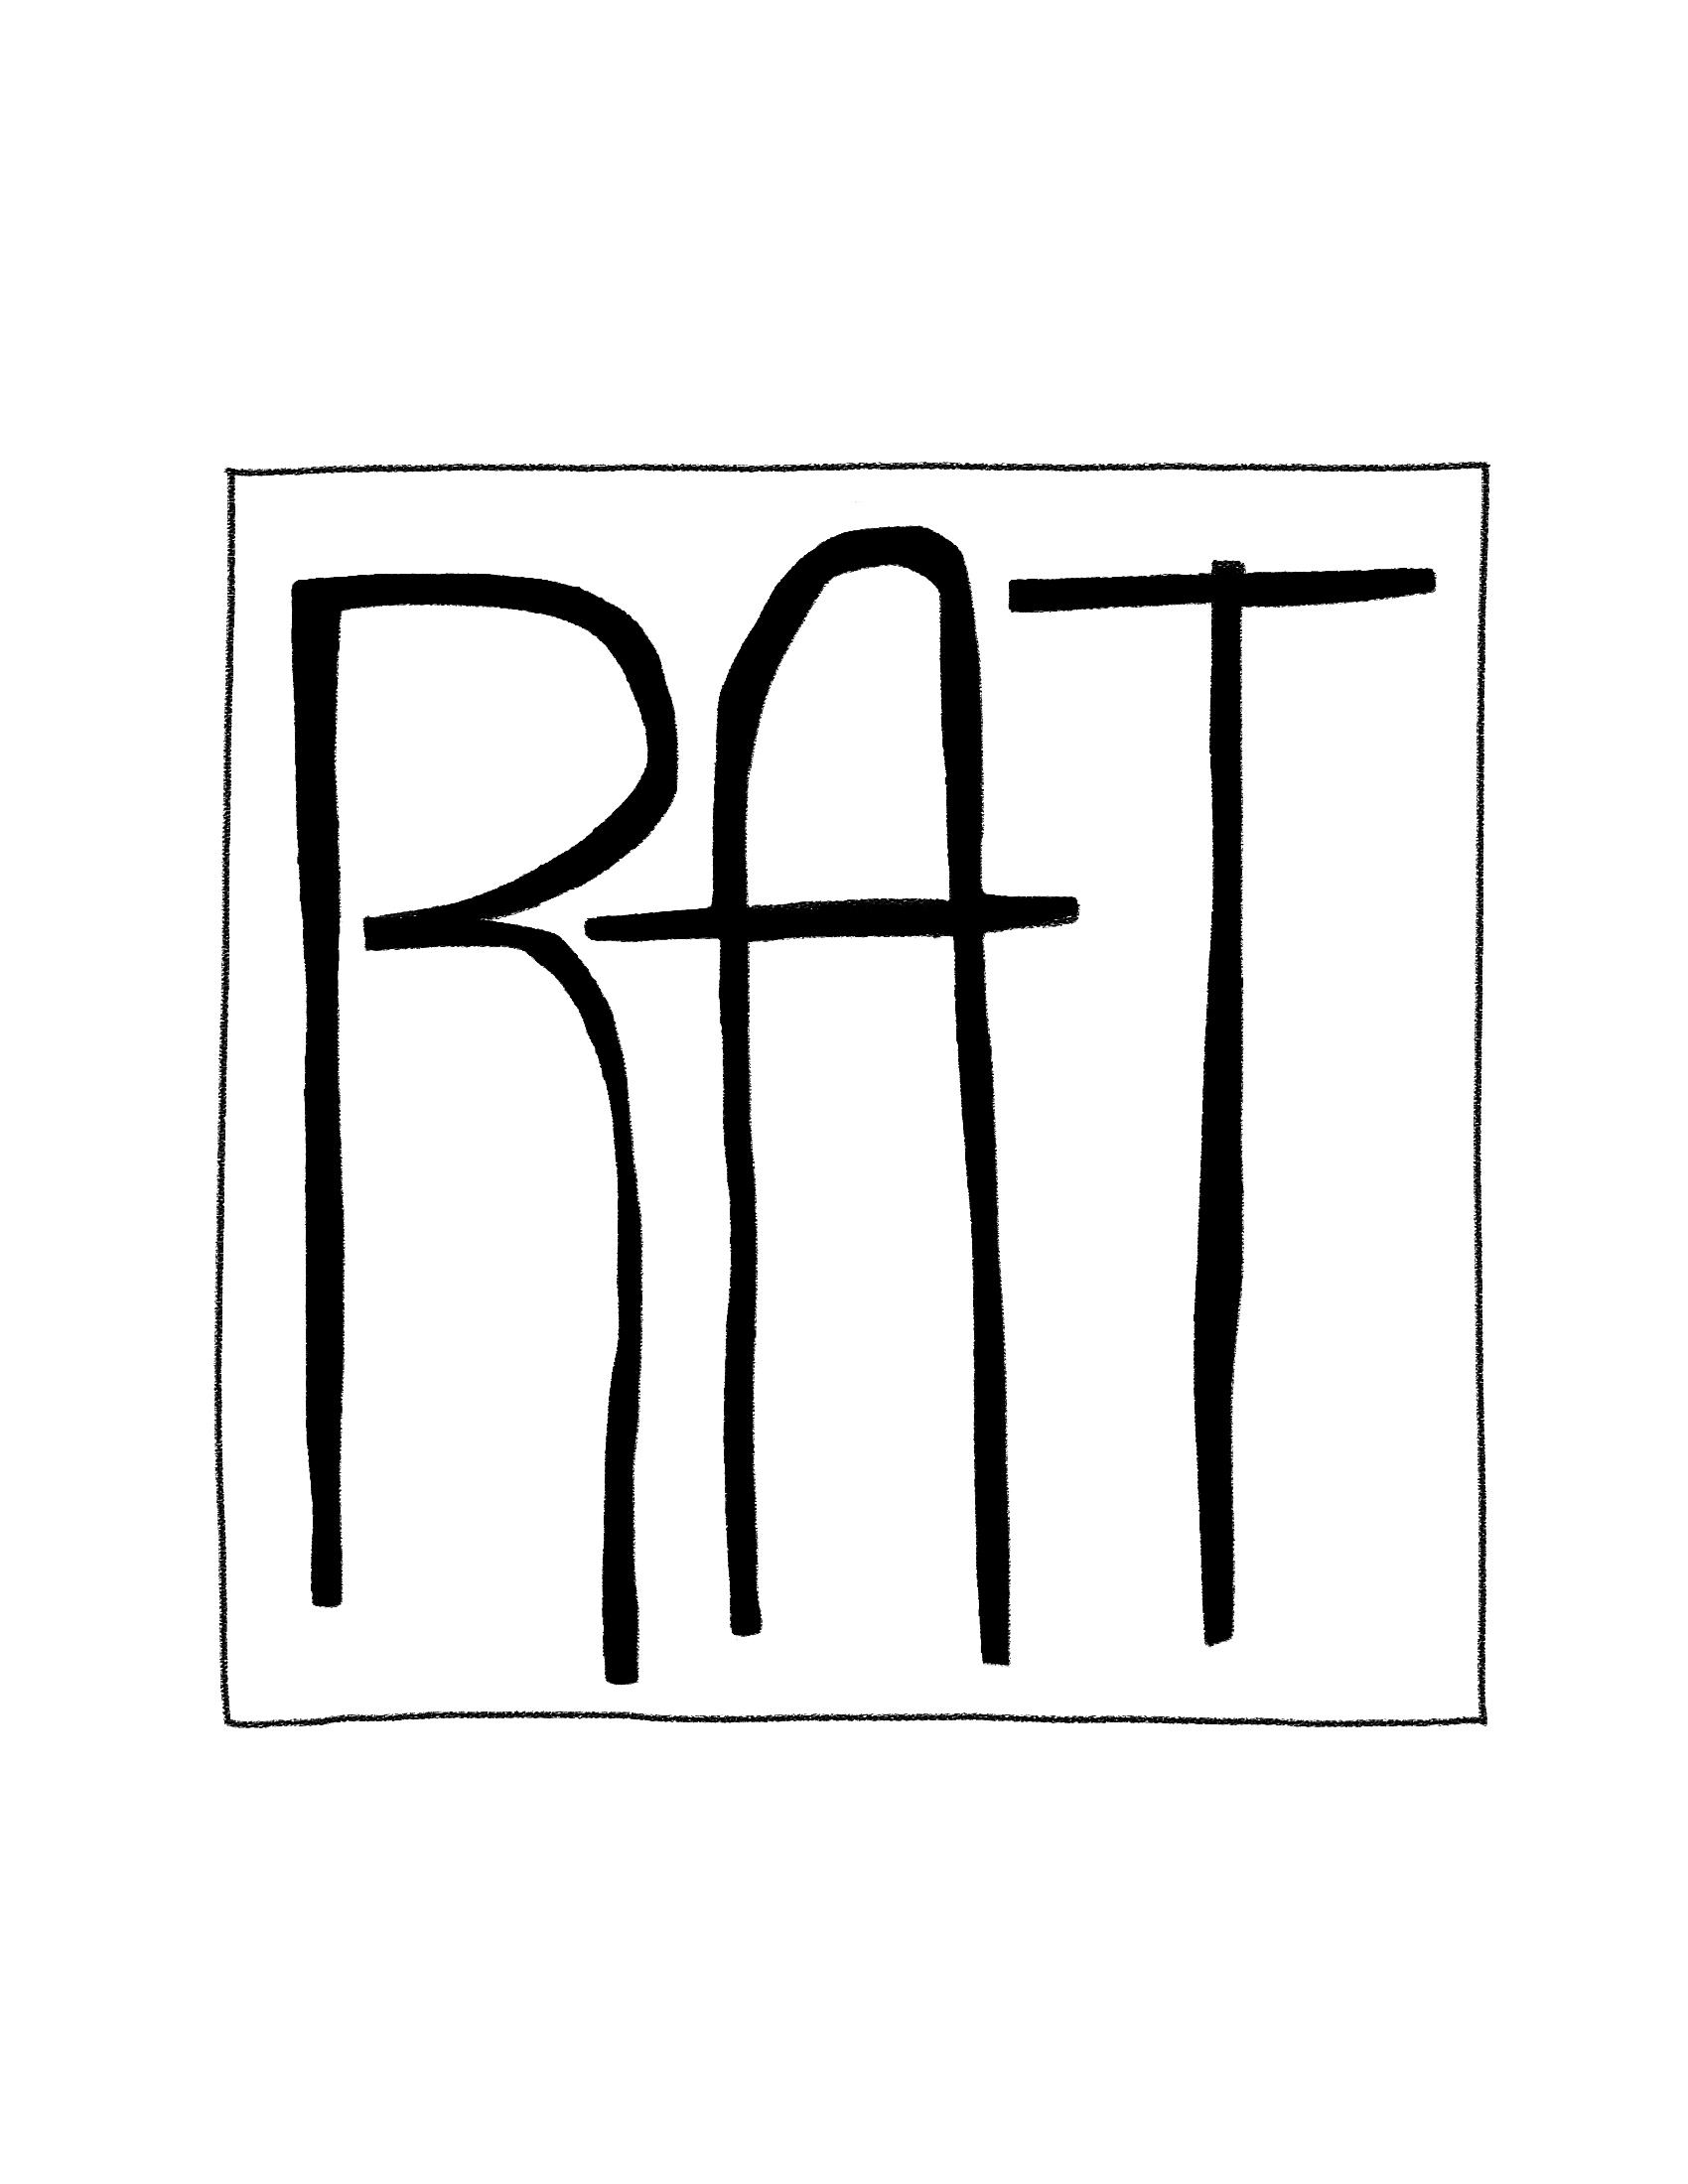 zodiac_0002_rat.jpg